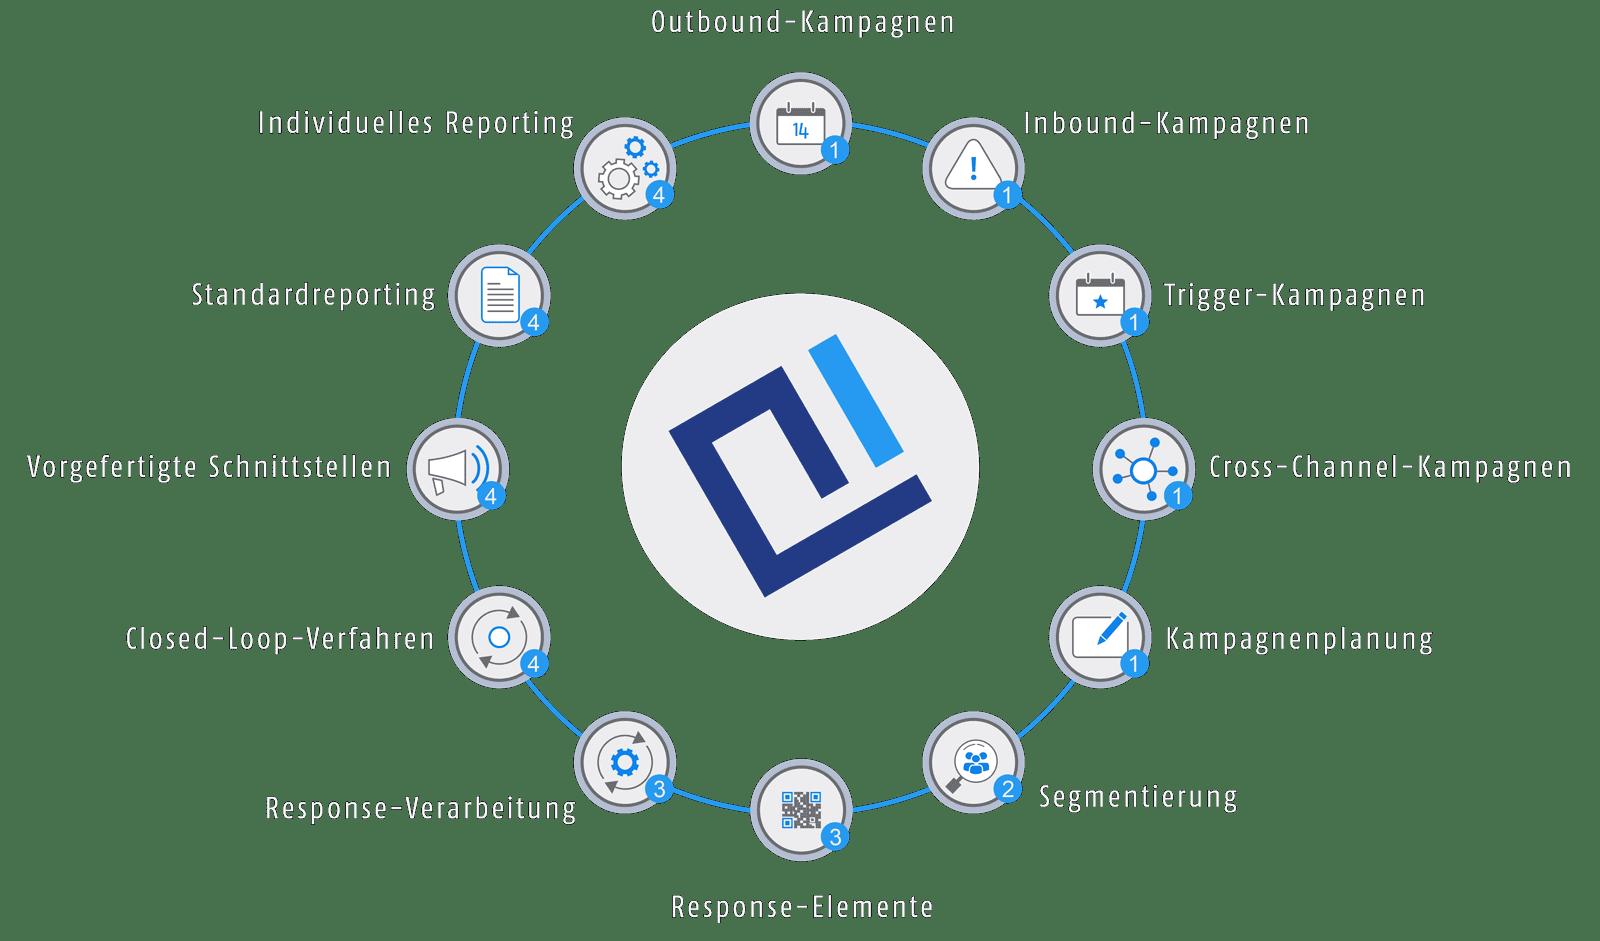 Grafik der AIC Group – Schwerpunkte Marketing Automation